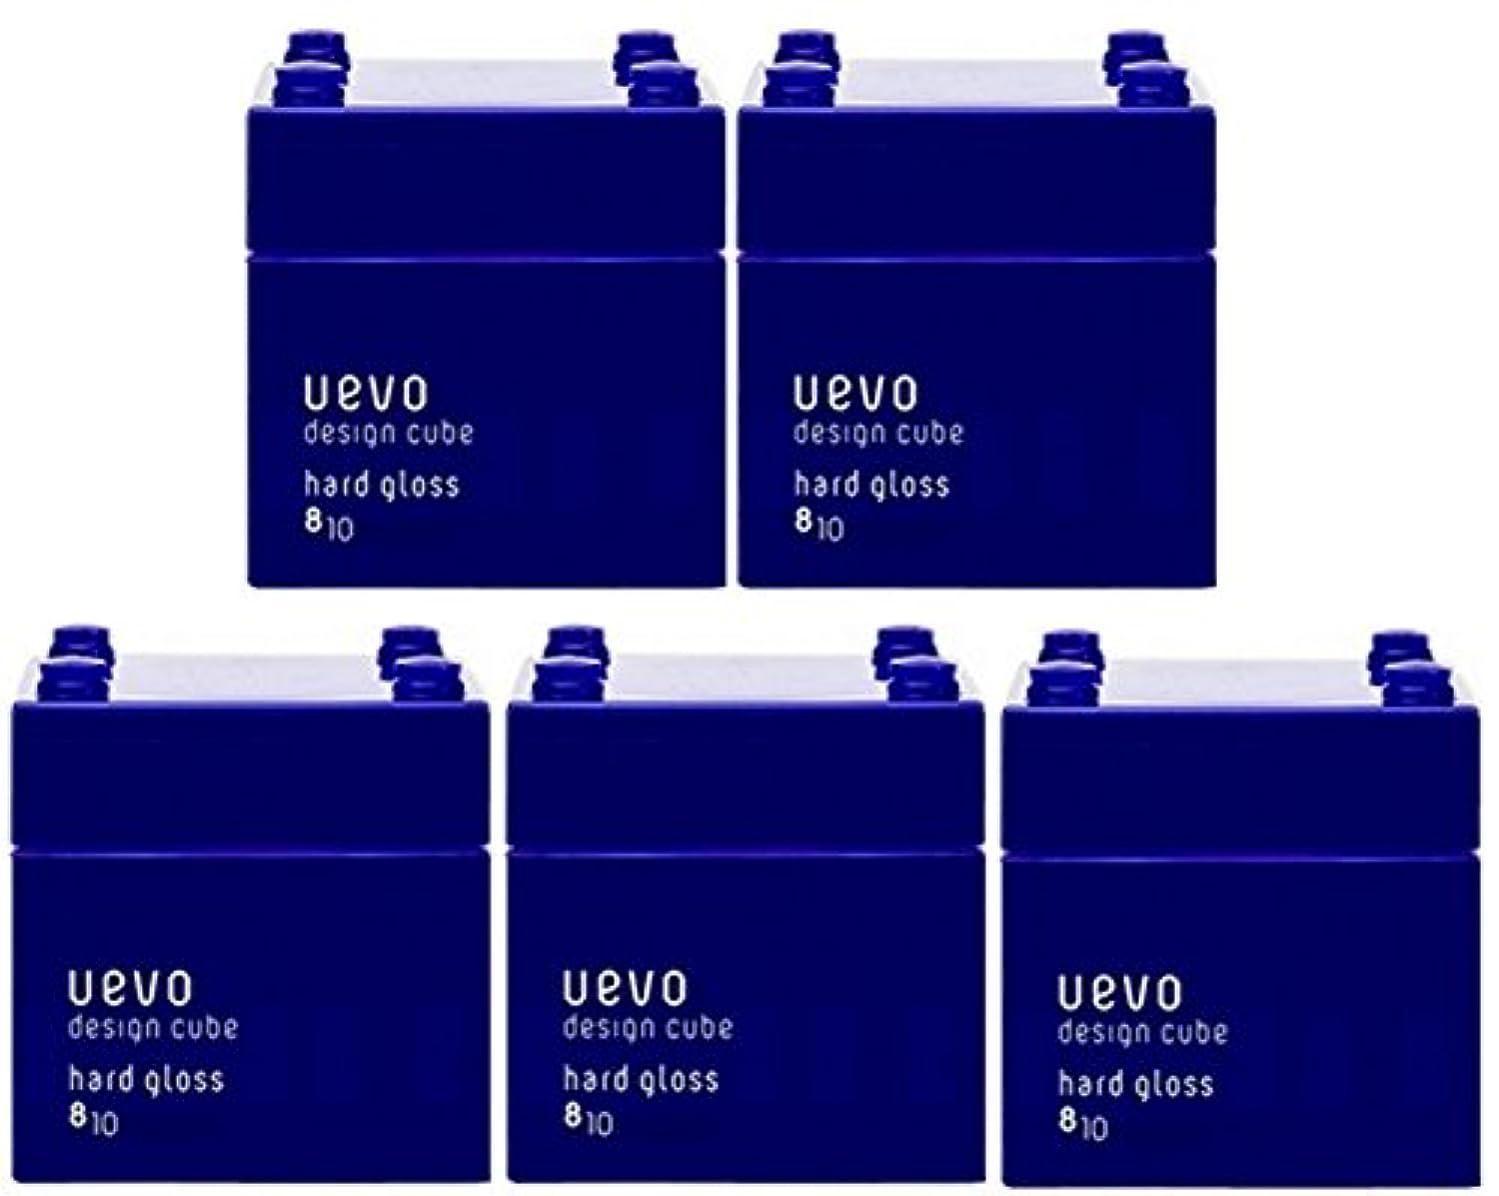 小間噛む湖【X5個セット】 デミ ウェーボ デザインキューブ ハードグロス 80g hard gloss DEMI uevo design cube